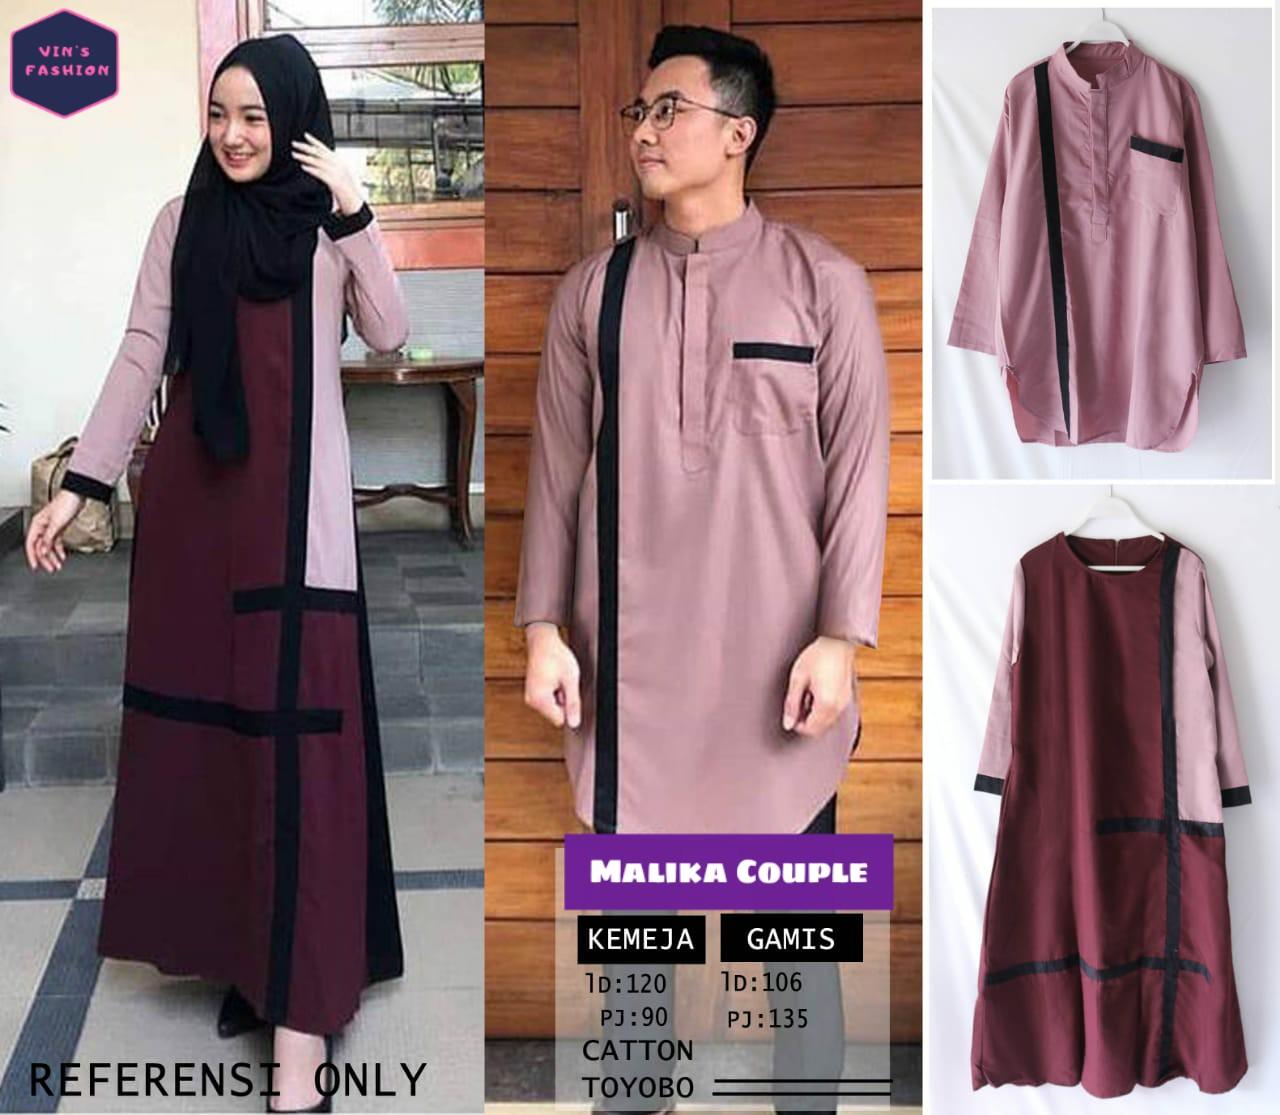 COD Realpict Gamis Malika Couple Cotton Toyobo  Gamis Batik Brokat  Muslimah Syari Terbaru  Model Gamis Batik Polos & Kombinasi Terbaru